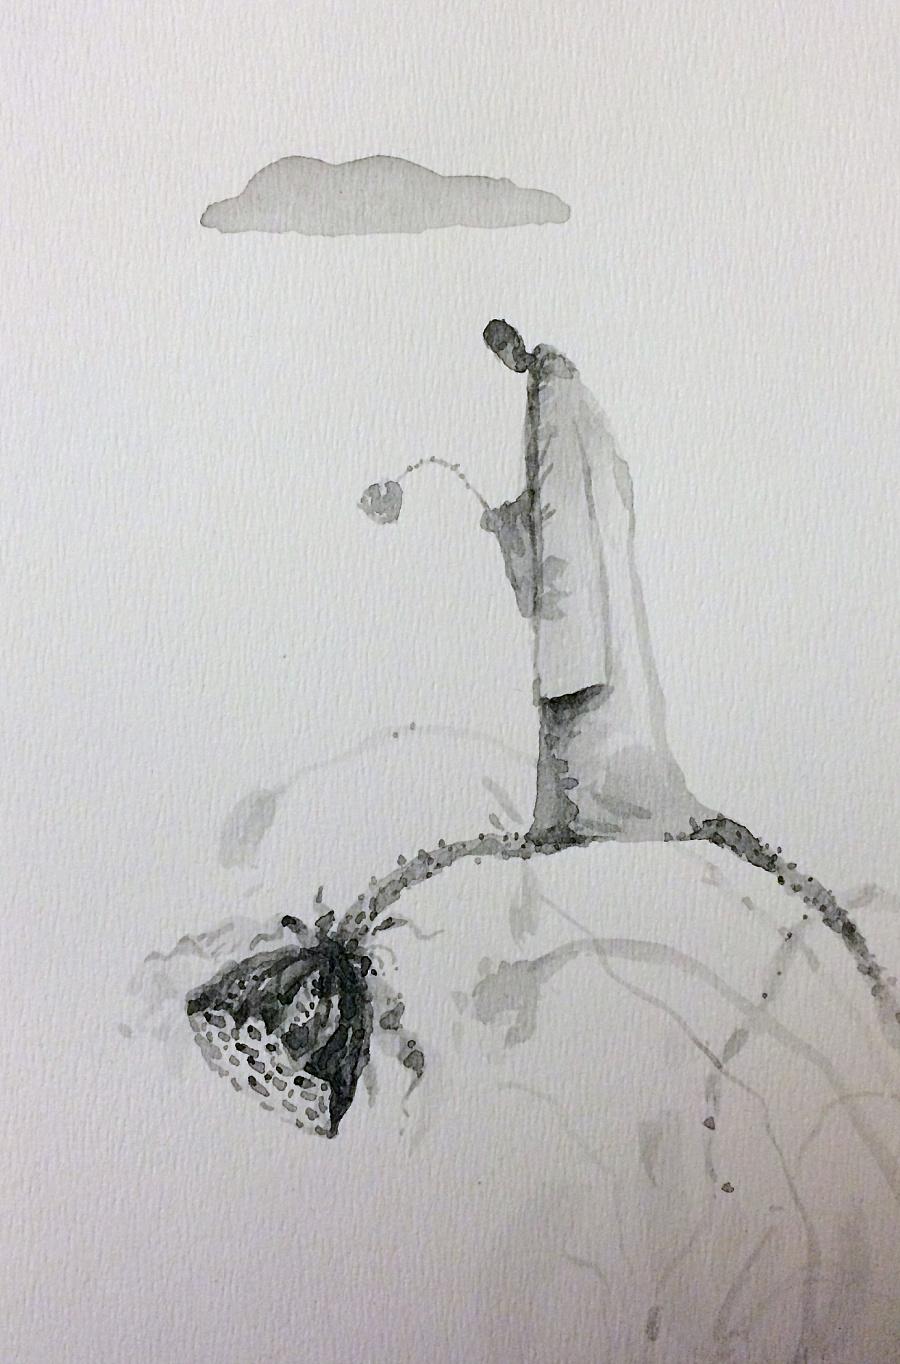 查看《吉祥物语插画日记【三十二】之水彩明信片》原图,原图尺寸:1458x2210